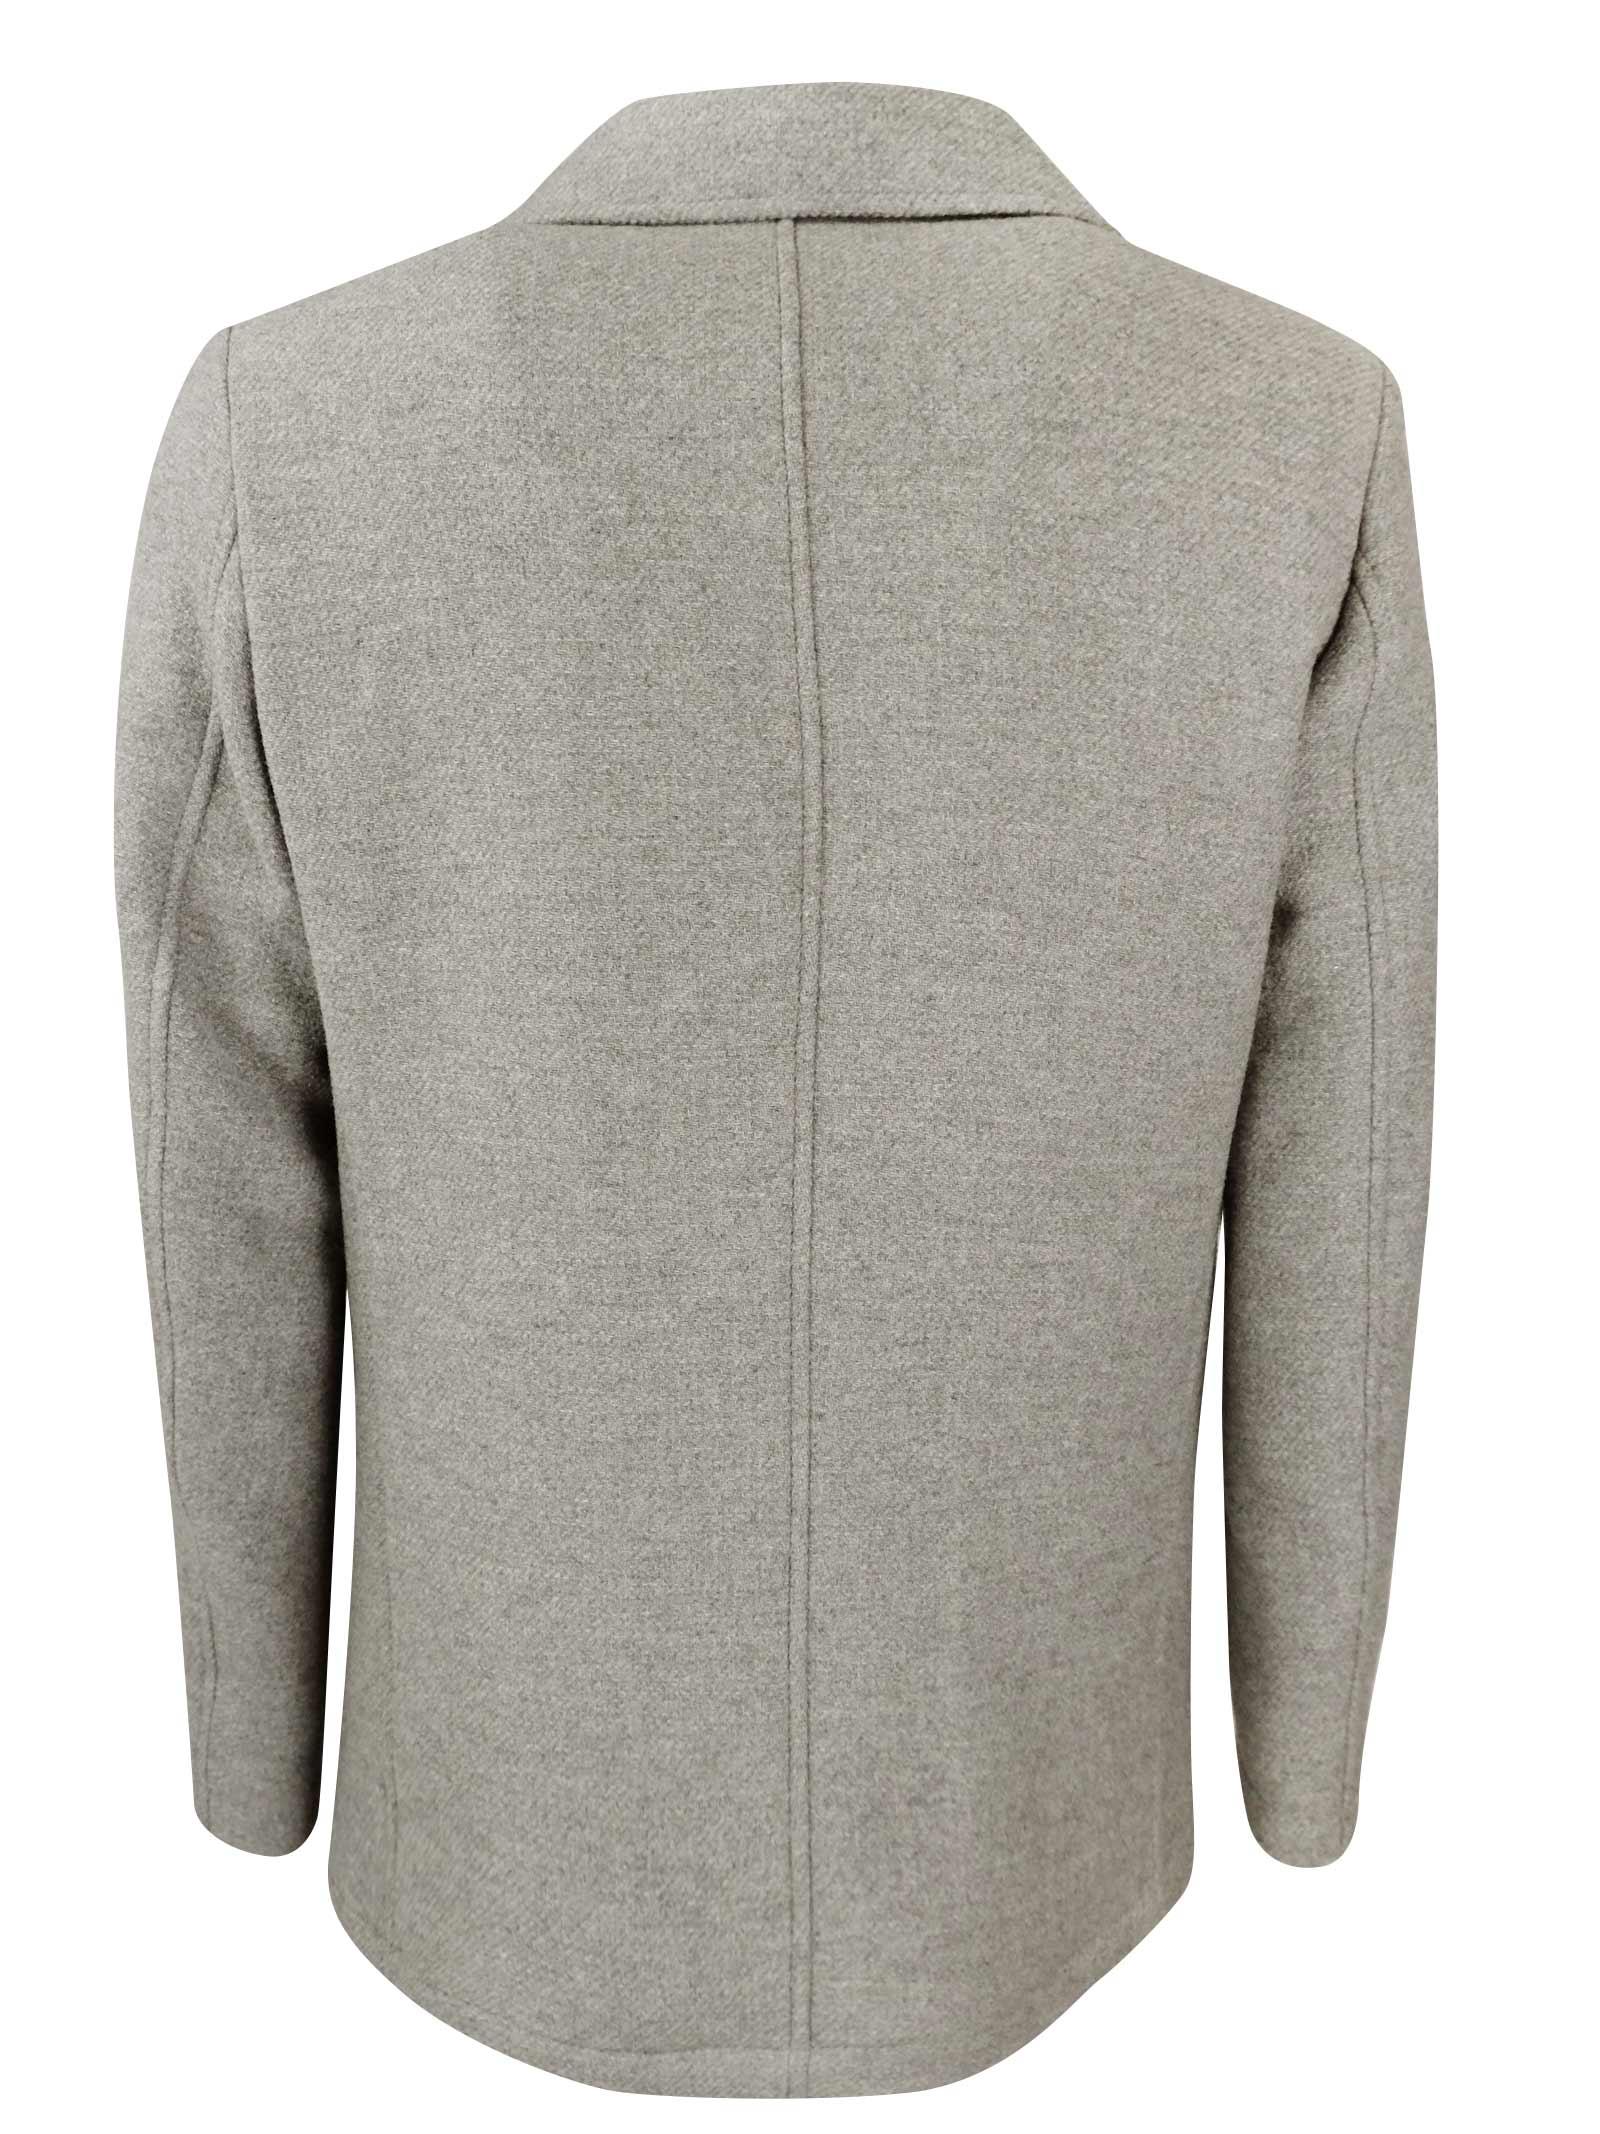 Giaccone doppio petto Peacoat  in lana idrorepellente  con cordage salva gola in tinta CAMPLIN | Giacconi | NORTH PEACOATCO N